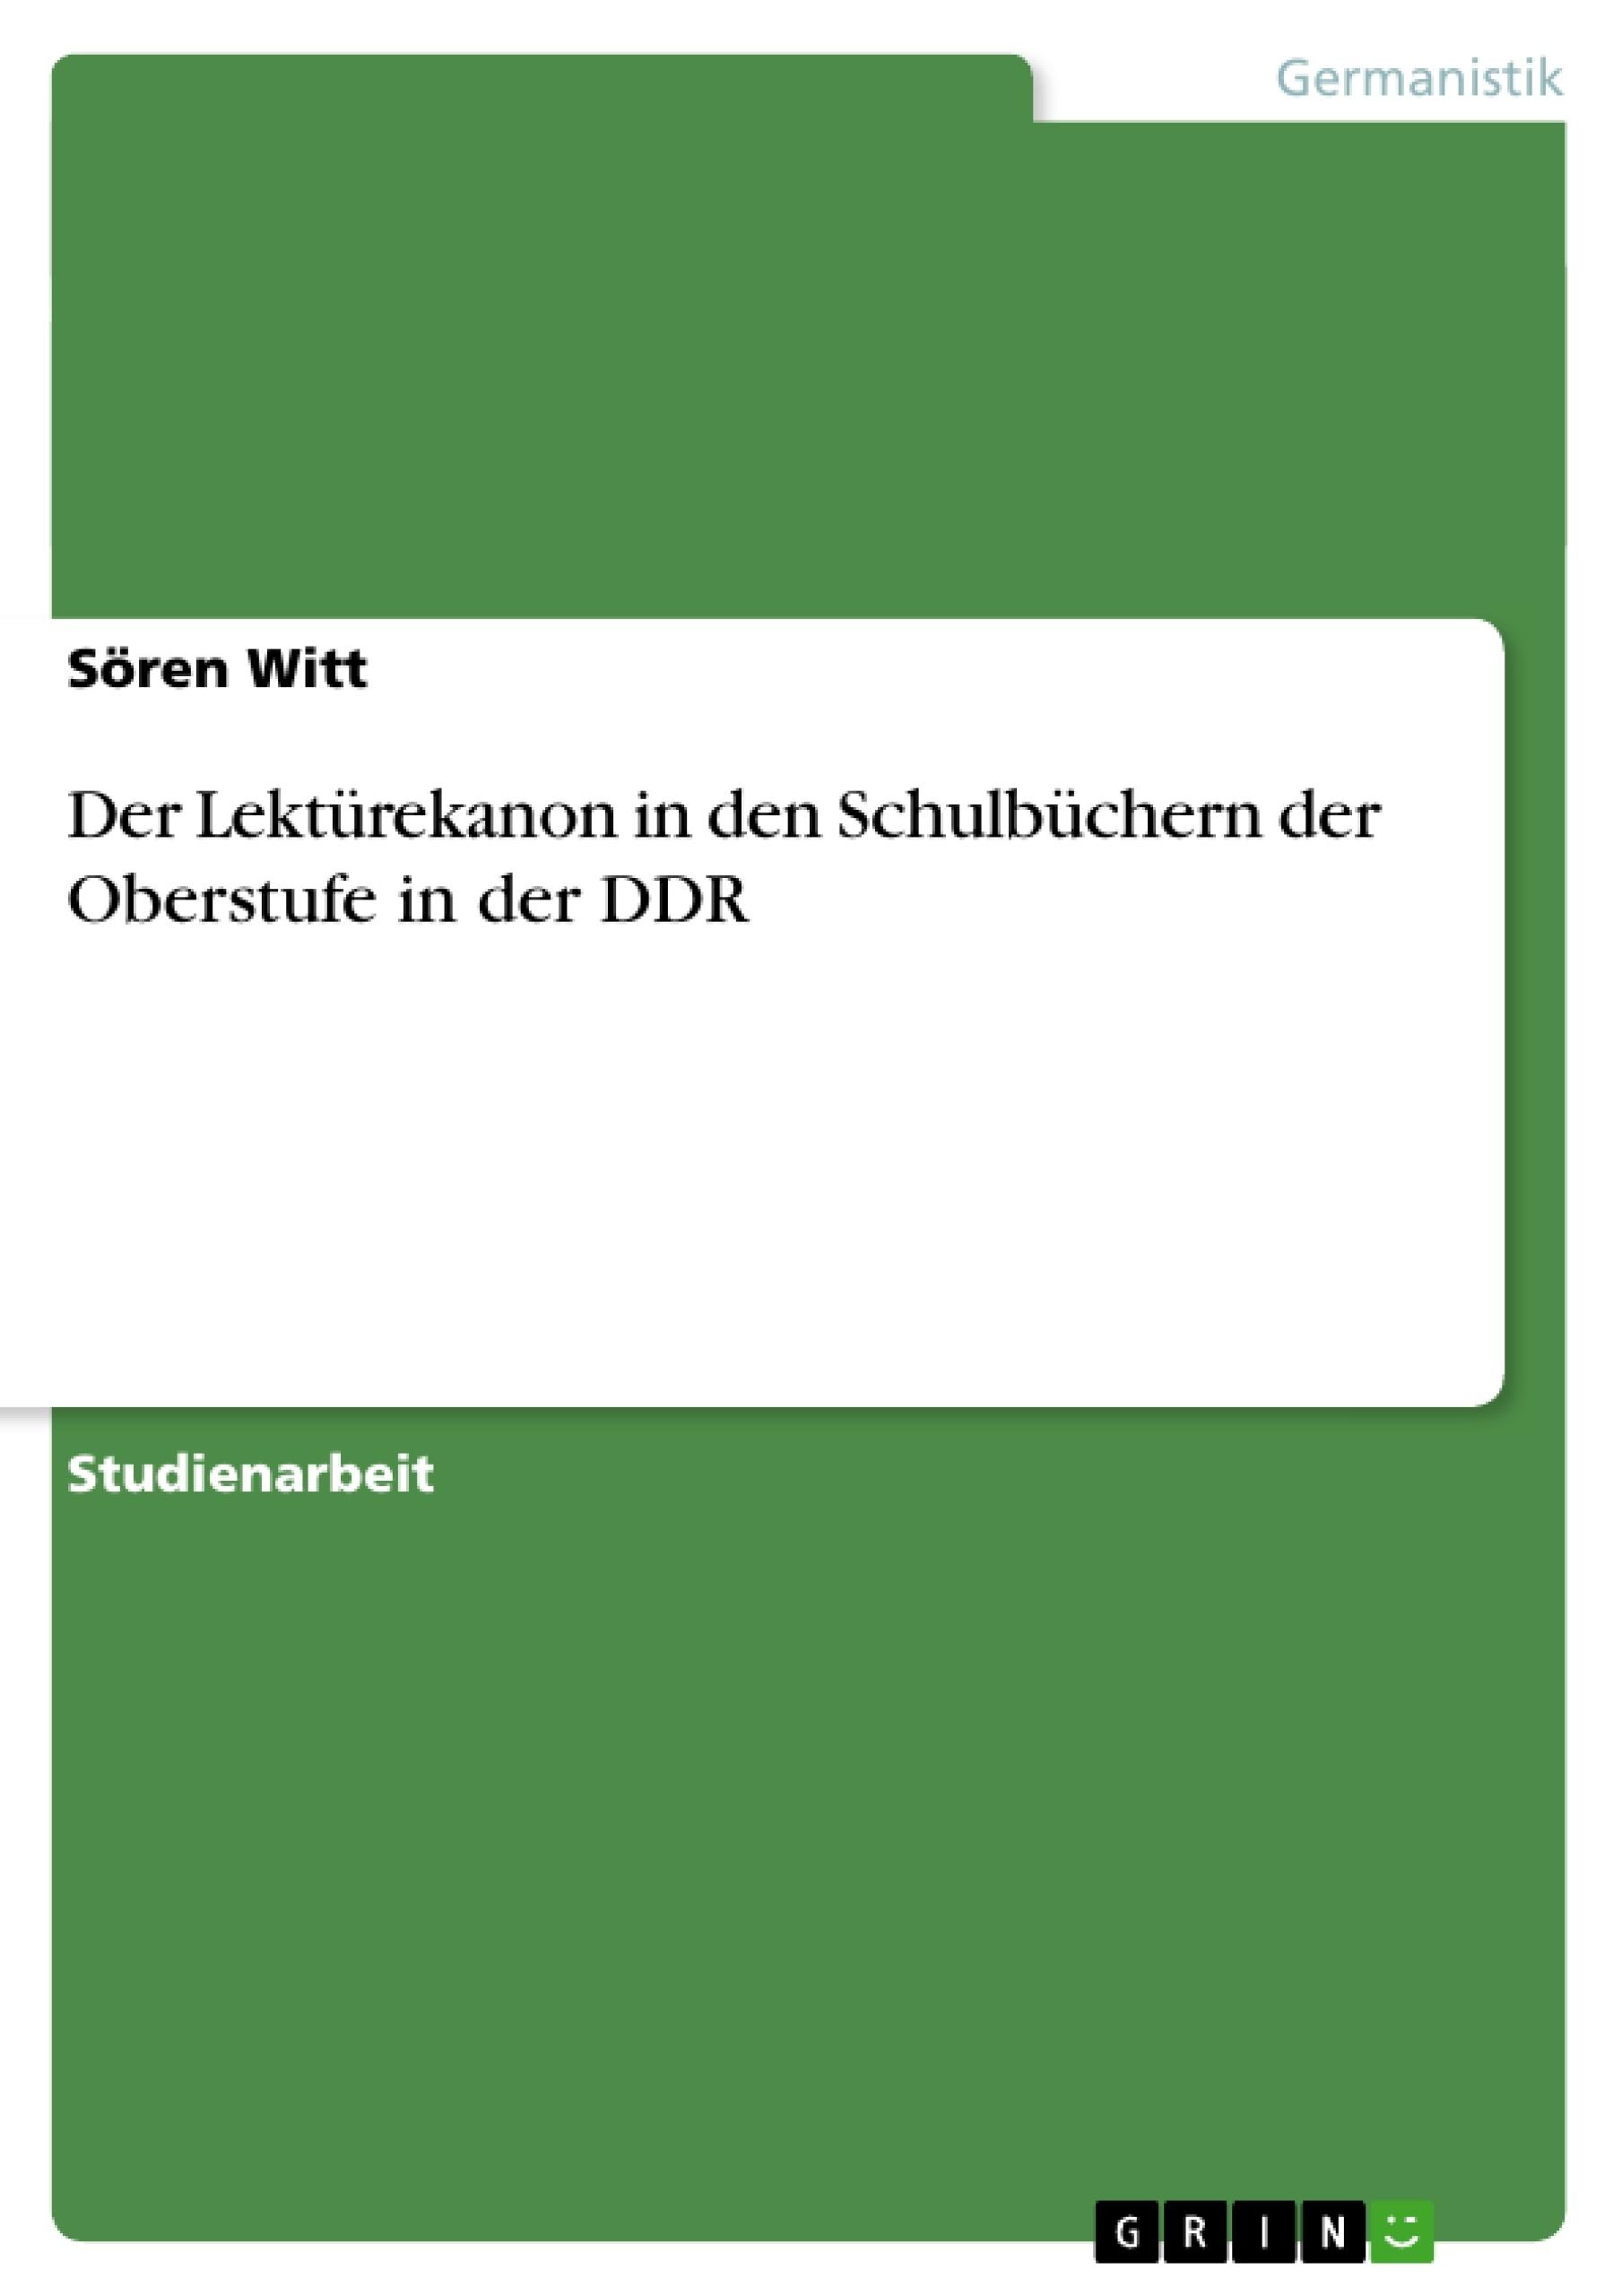 Titel: Der Lektürekanon in den Schulbüchern der  Oberstufe in der DDR